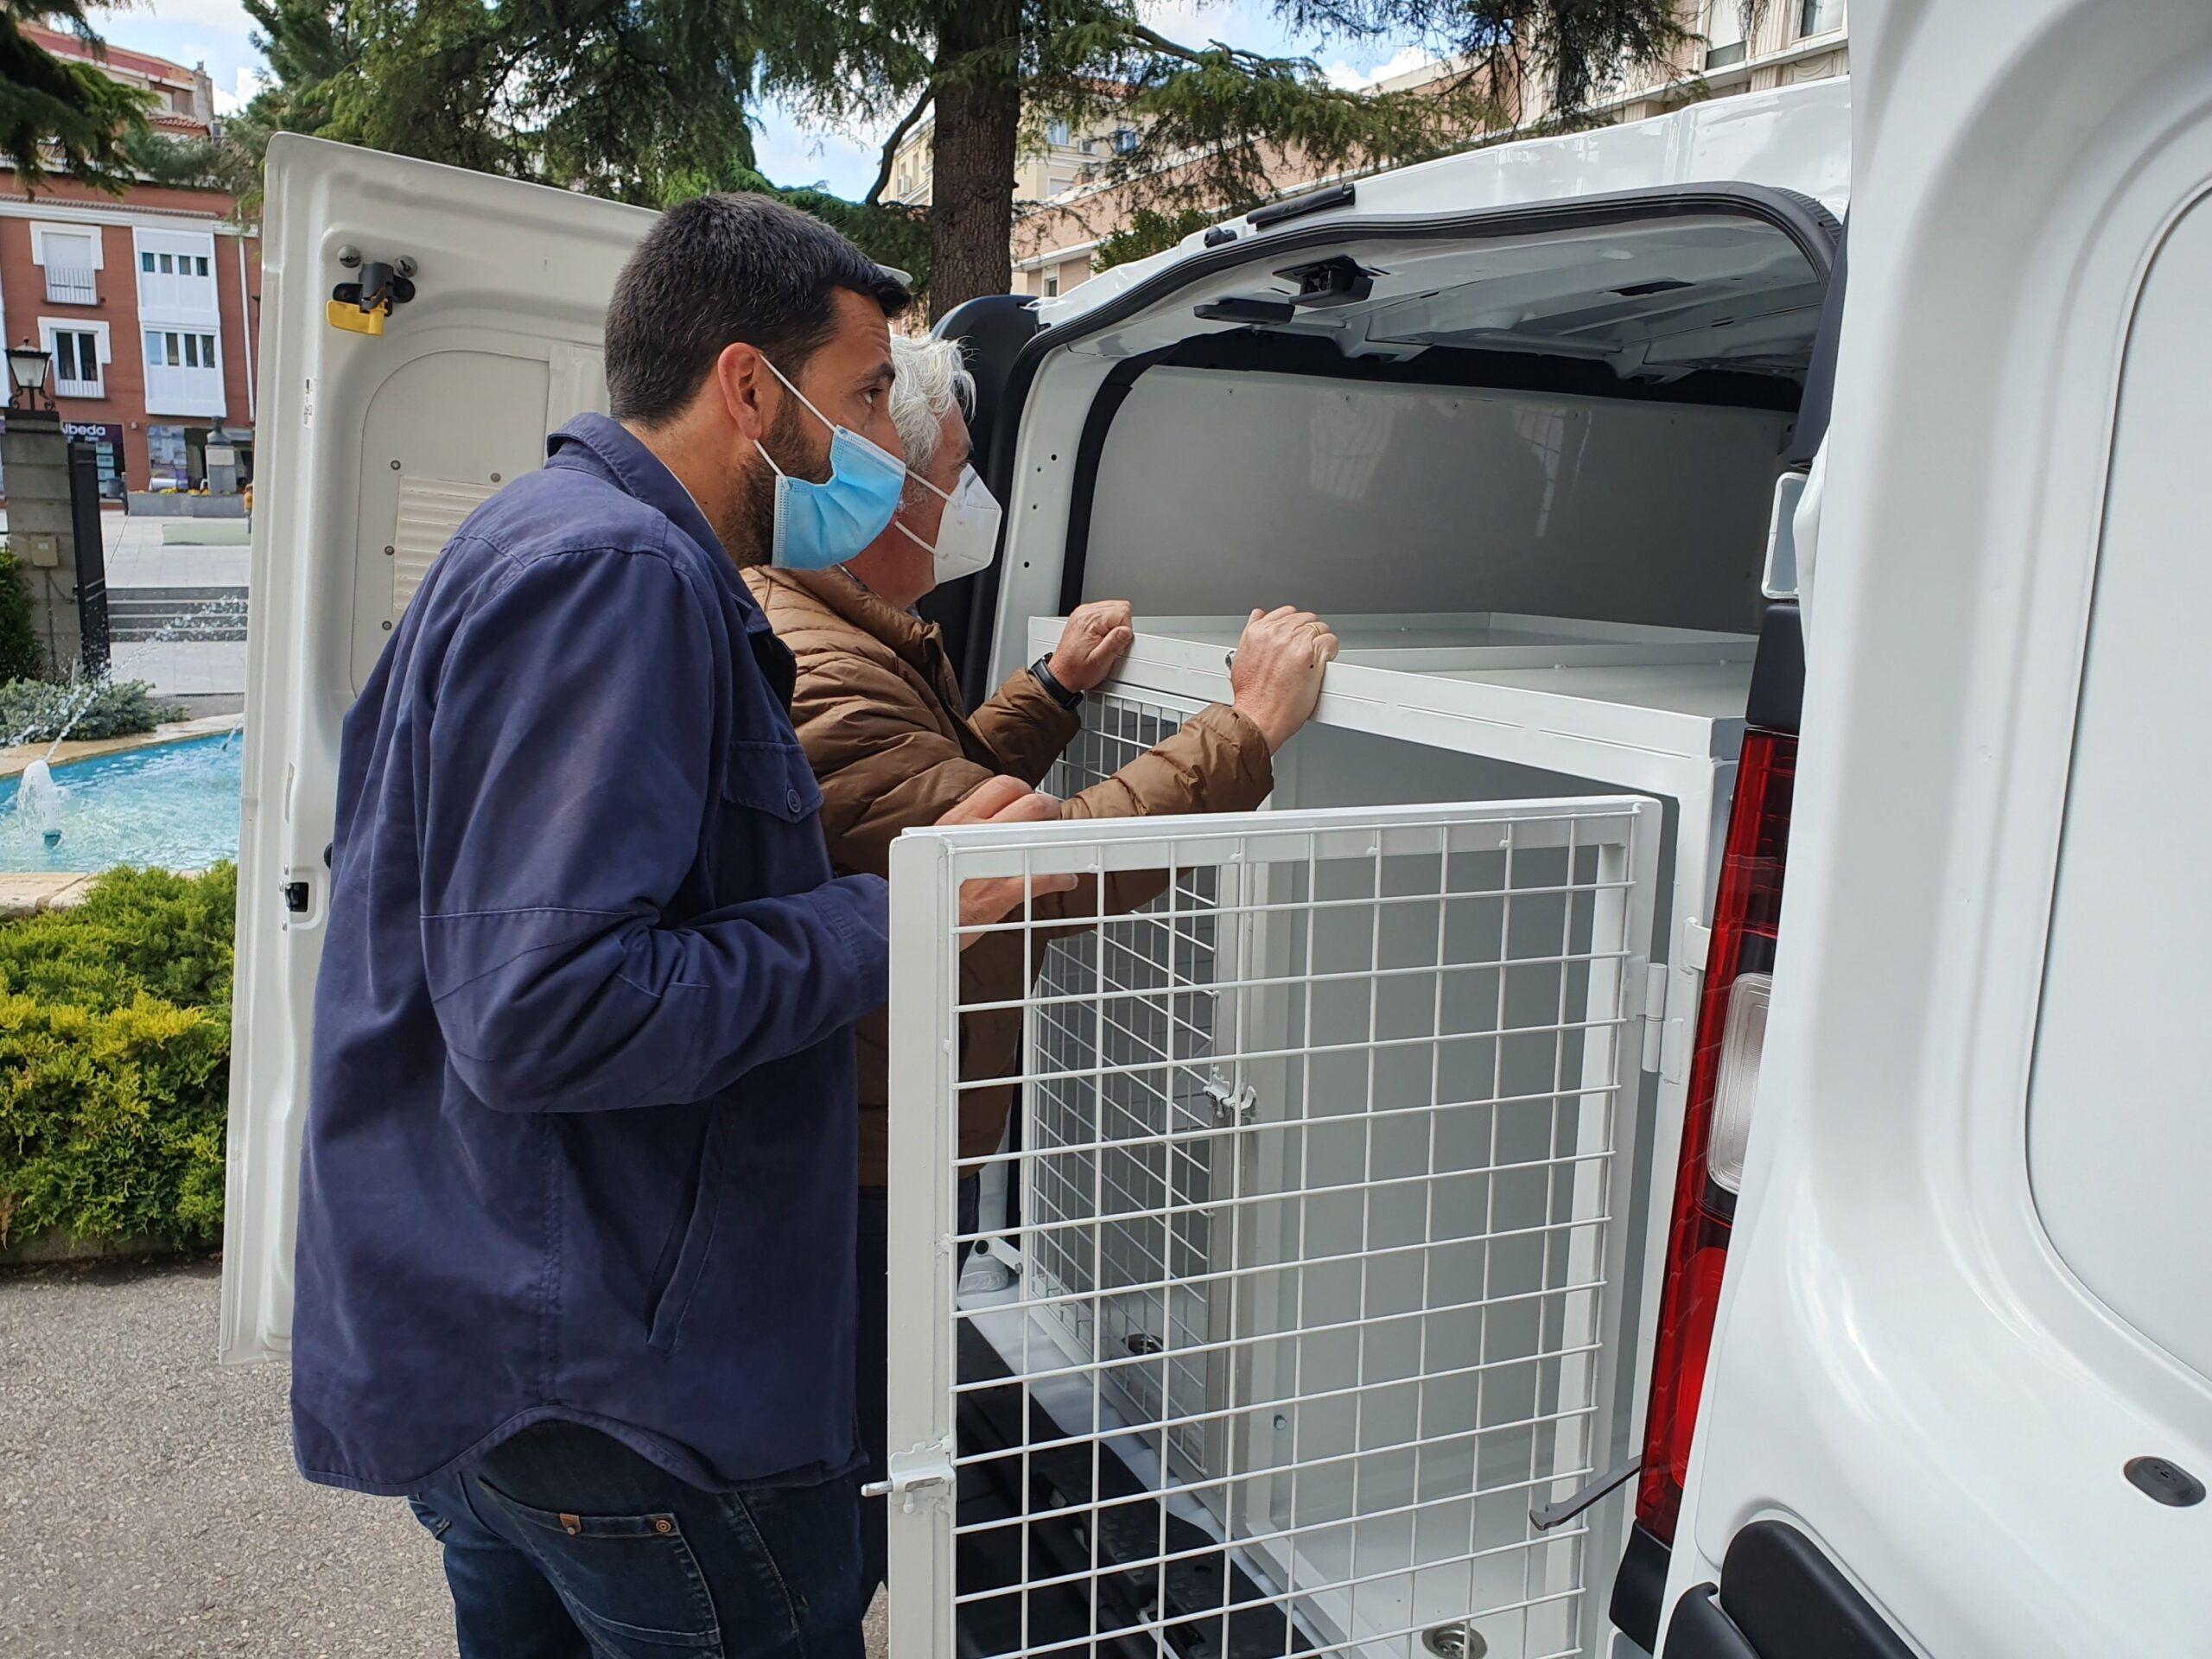 La Diputación adquiere un vehículo para recoger animales abandonados protegiendo su bienestar